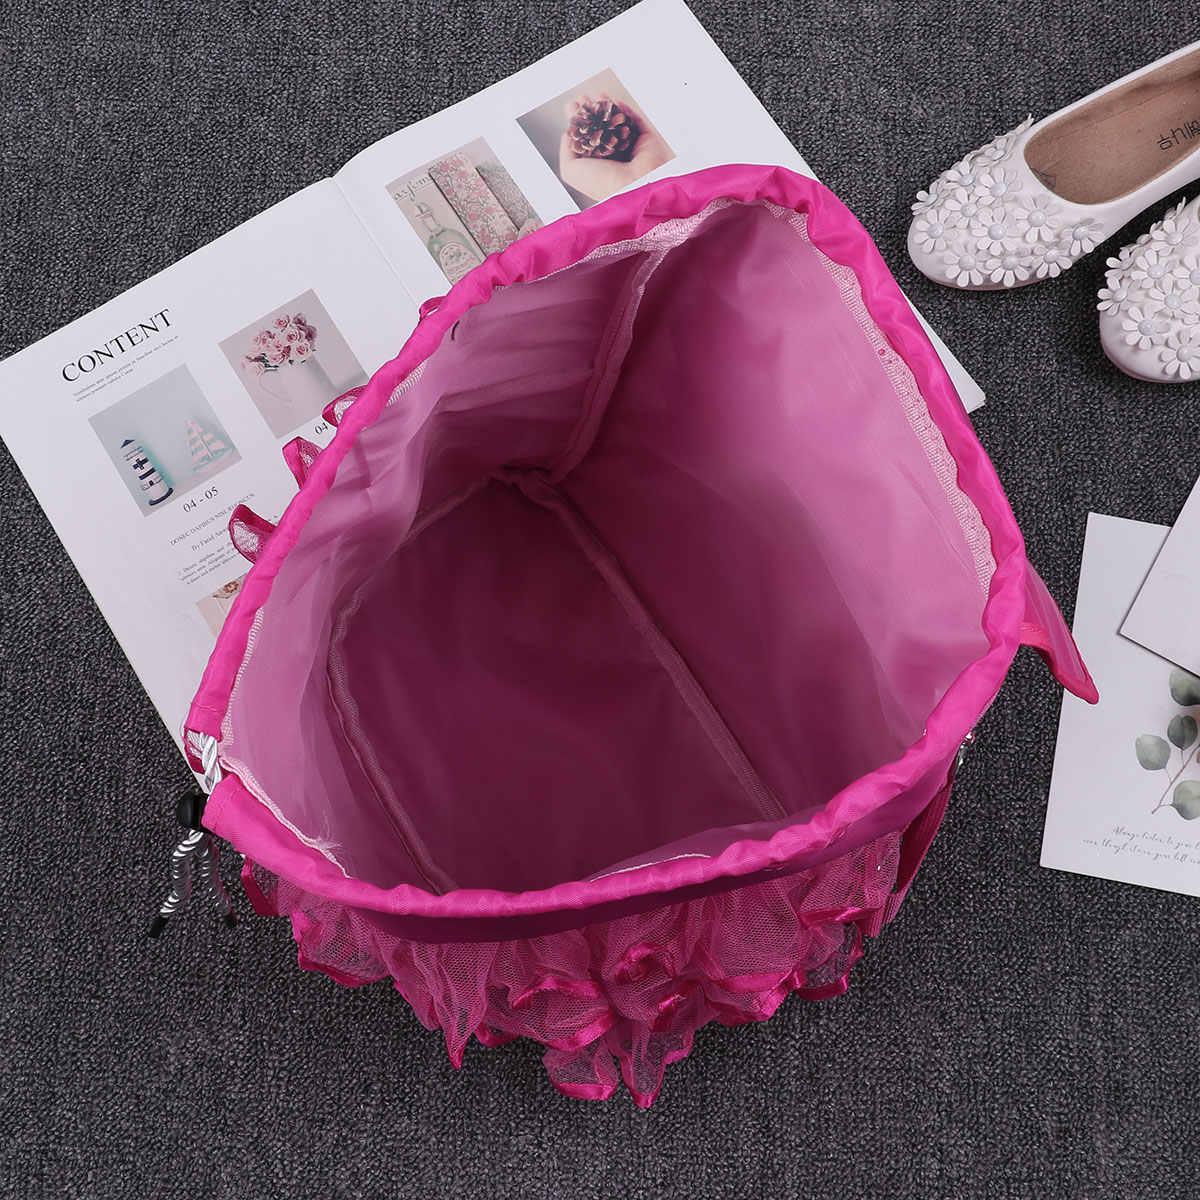 Балетные, для маленьких девочек Сумка для дискотеки Drawstring блестящие пайетки балерина носок обуви узор оборками школьников рюкзак сумка